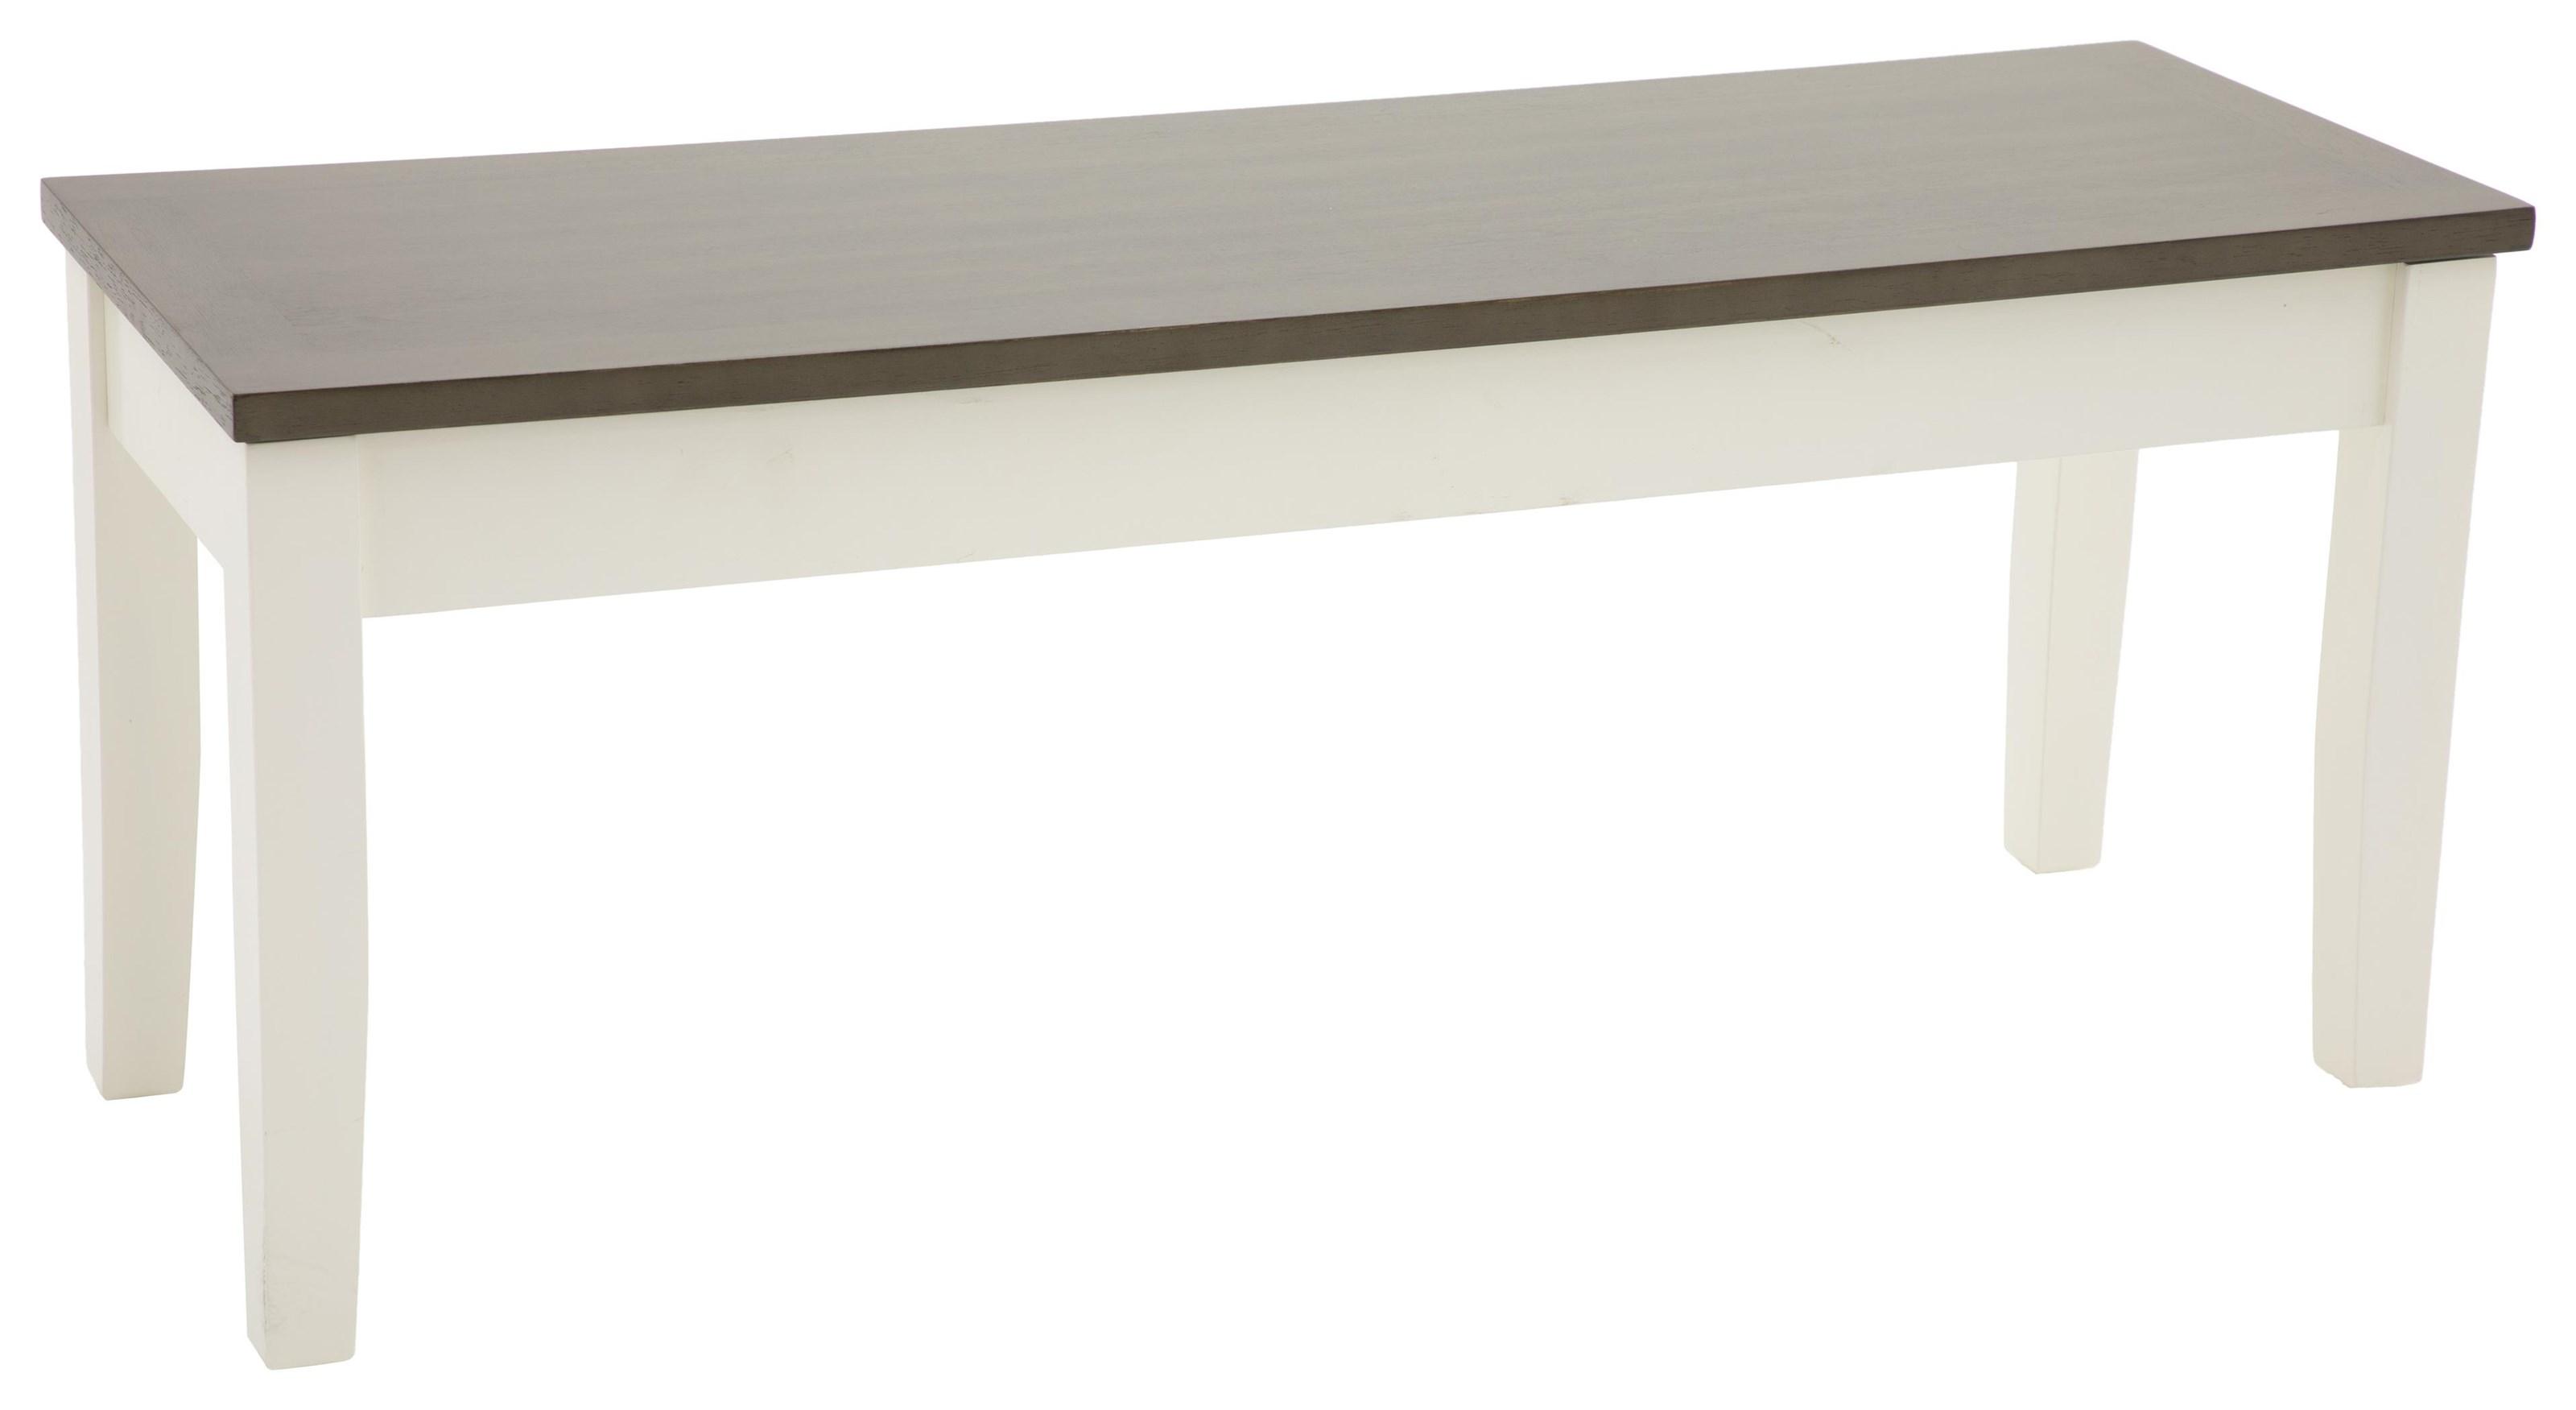 Carey Standard Height Storage Bench